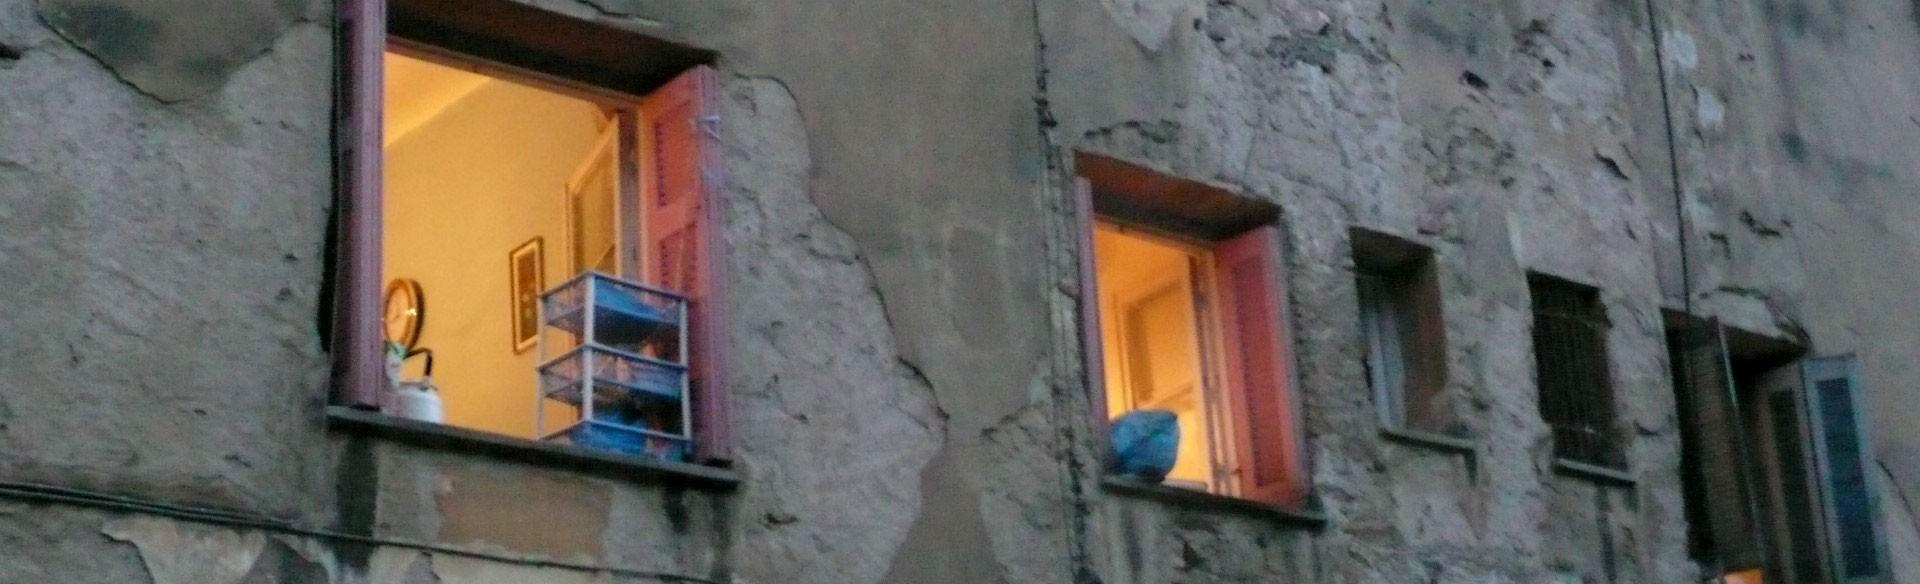 Μια ζωντανή κατάληψη στέγης σε κατάσταση εκτάκτου ανάγκης. Αγώνες για το δικαίωμα στην κατοικία και στην πόλη της Αθήνας. Συμμετοχικός σχεδιασμός, κατασκευή παιδικής χαράς και φυτεύσεις. 28,29 Ιουνίου 2014, ανάμεσα στα κτίρια των Προσφυγικών.